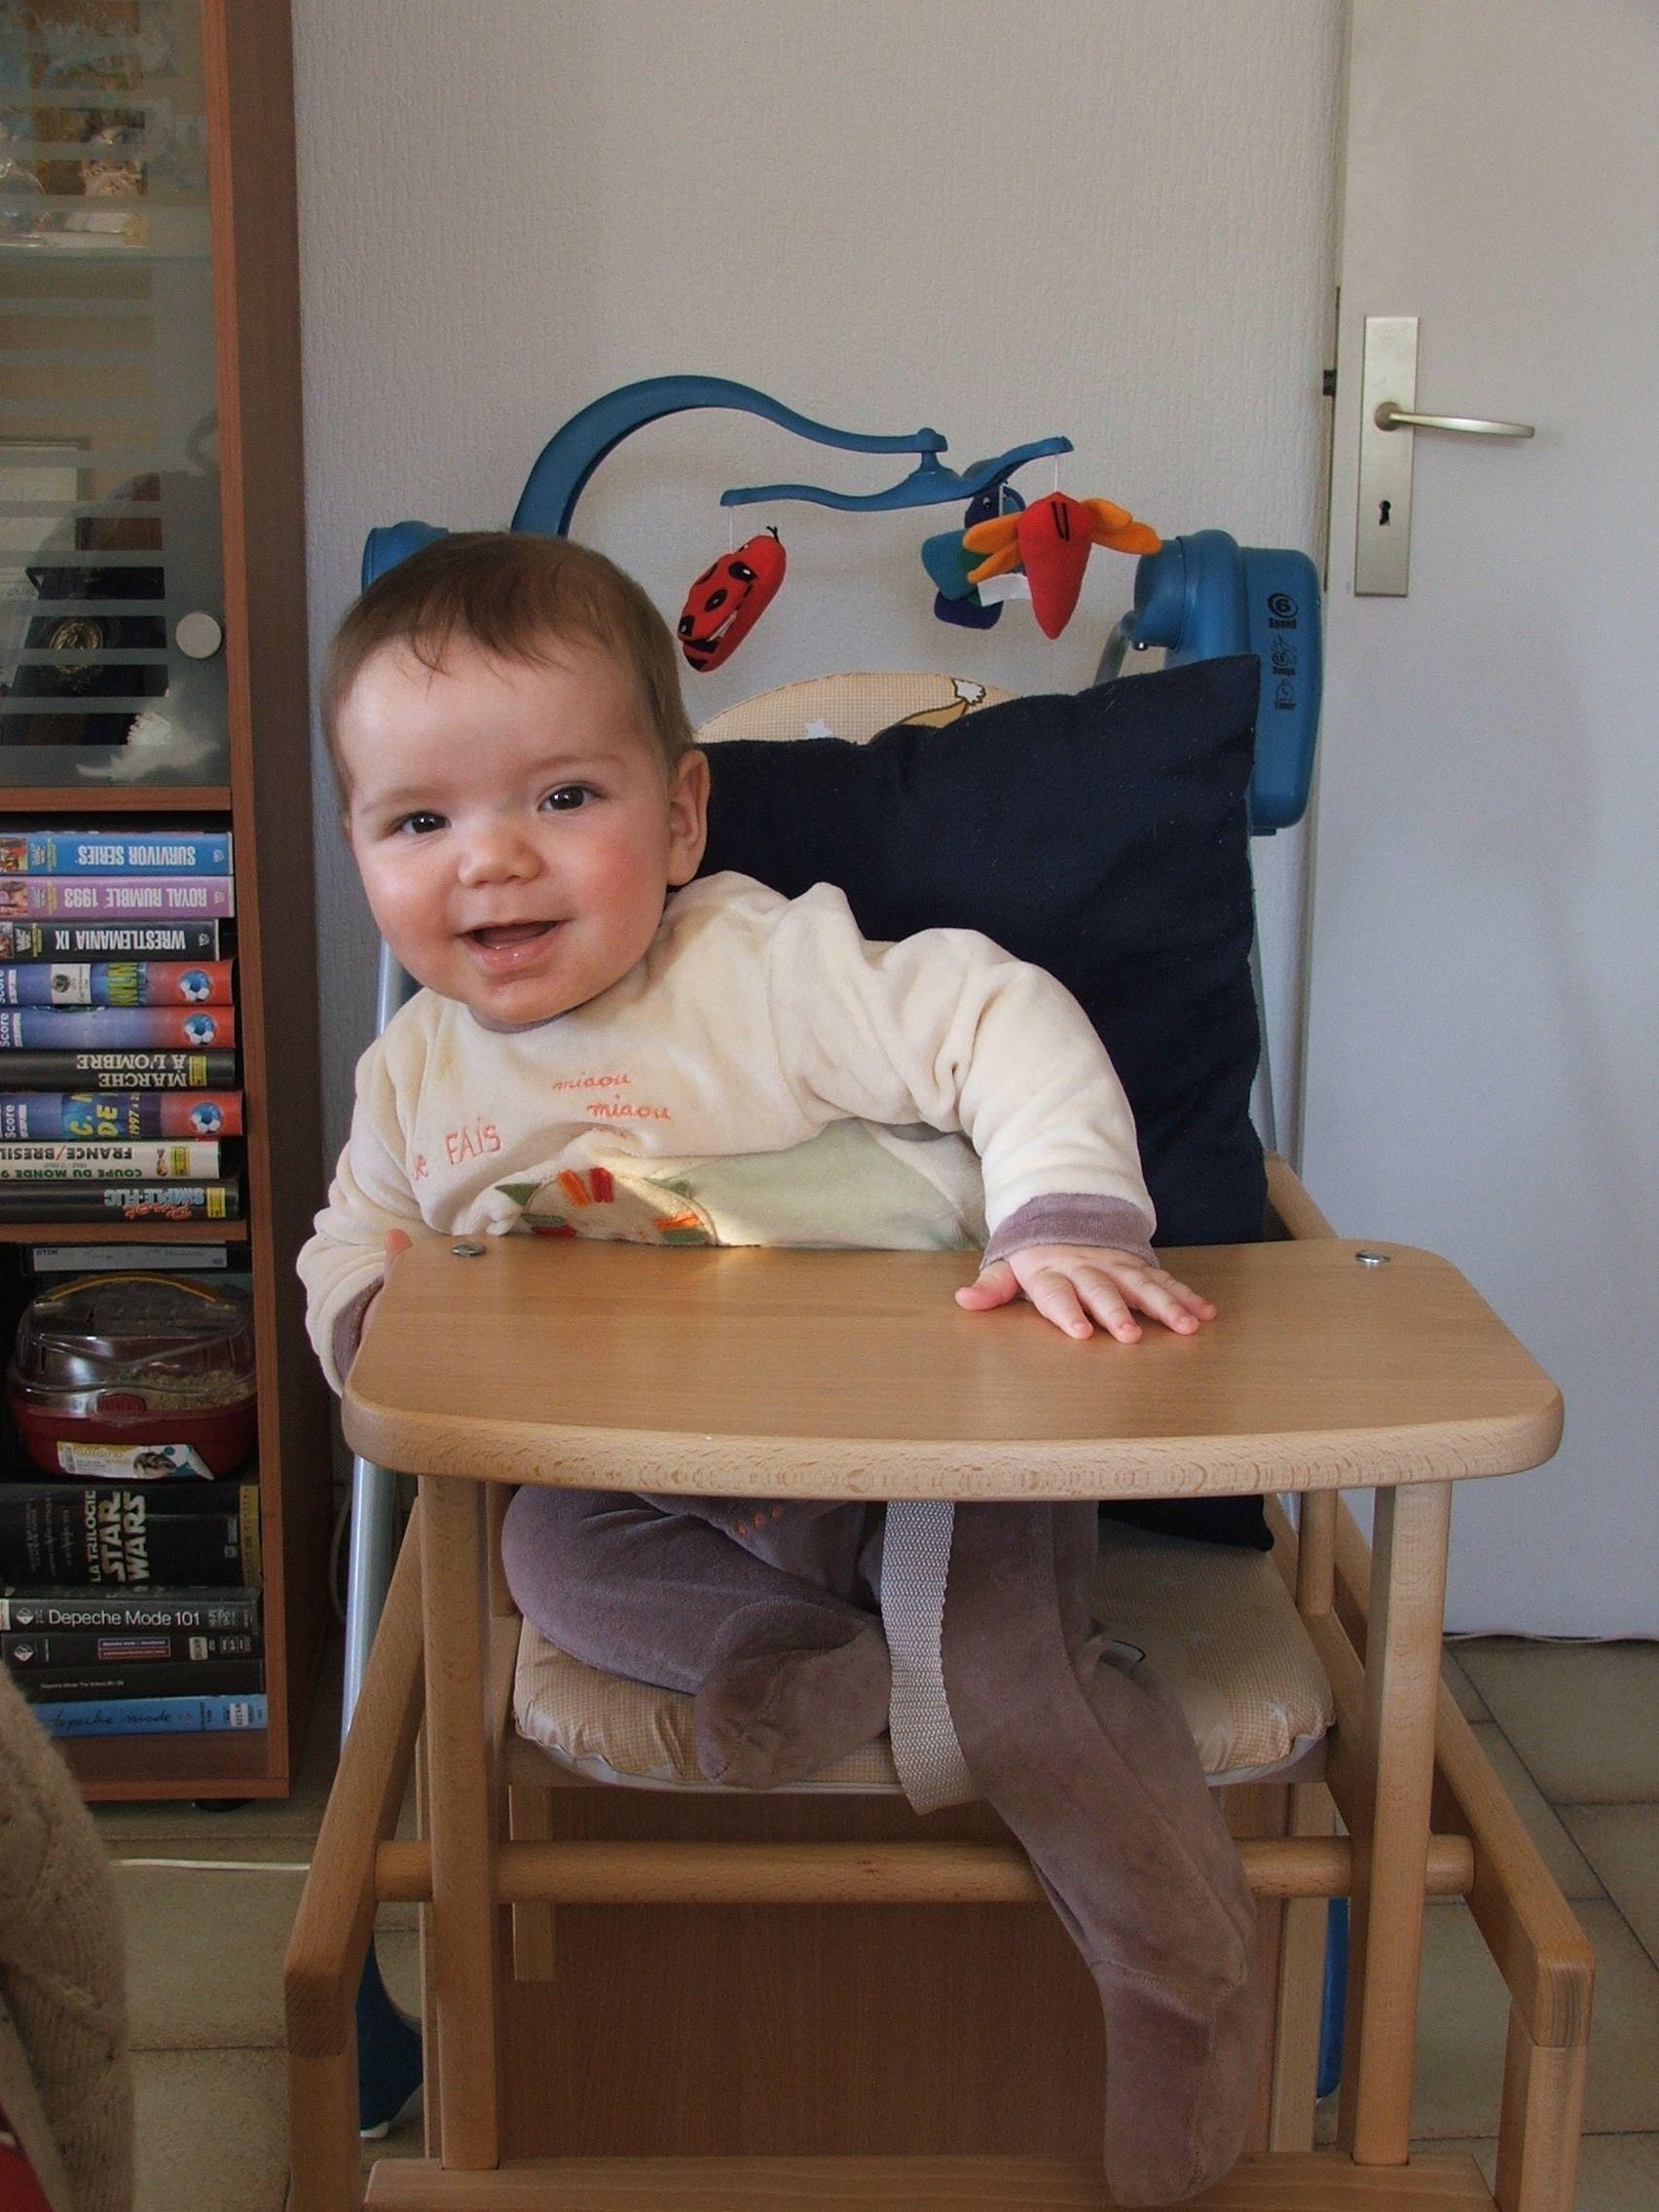 Ma Haute Chaise Sur Maintenant Maintenant Chaise Haute Sur Maintenant Sur Ma rCBQxshdt